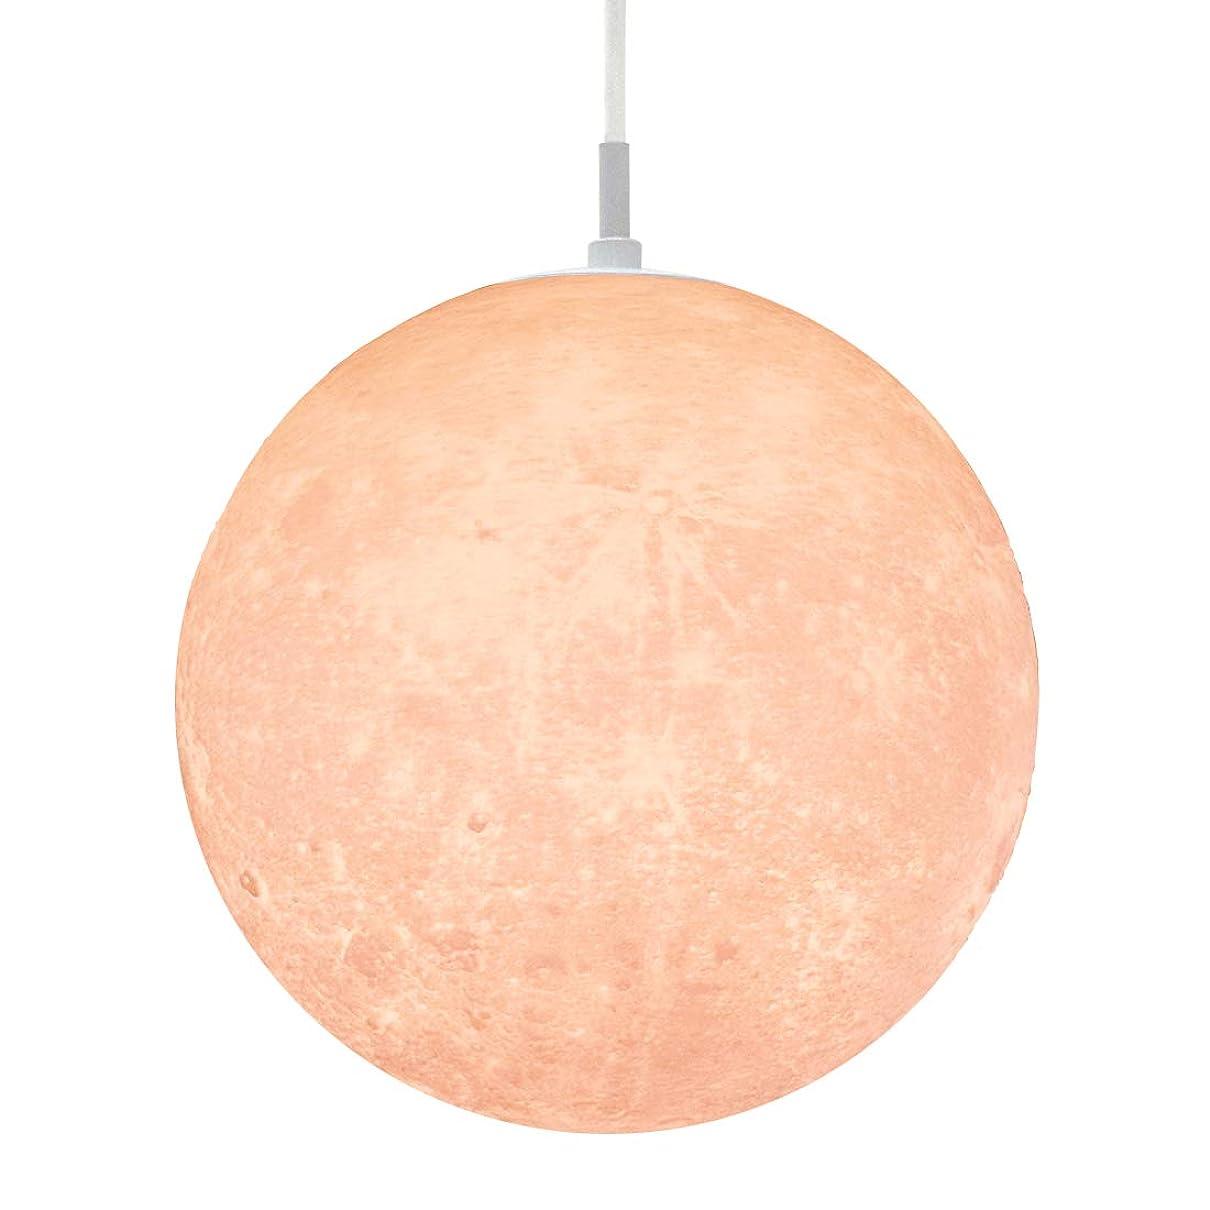 匠の誠品 ペンダントライト LED ムーンライト インテリア シャンデリア 月ライト 吊り下げライト 3色切り替え対応 電球色 昼白色 昼光色 天井照明 間接照明 (35cm) HMW001